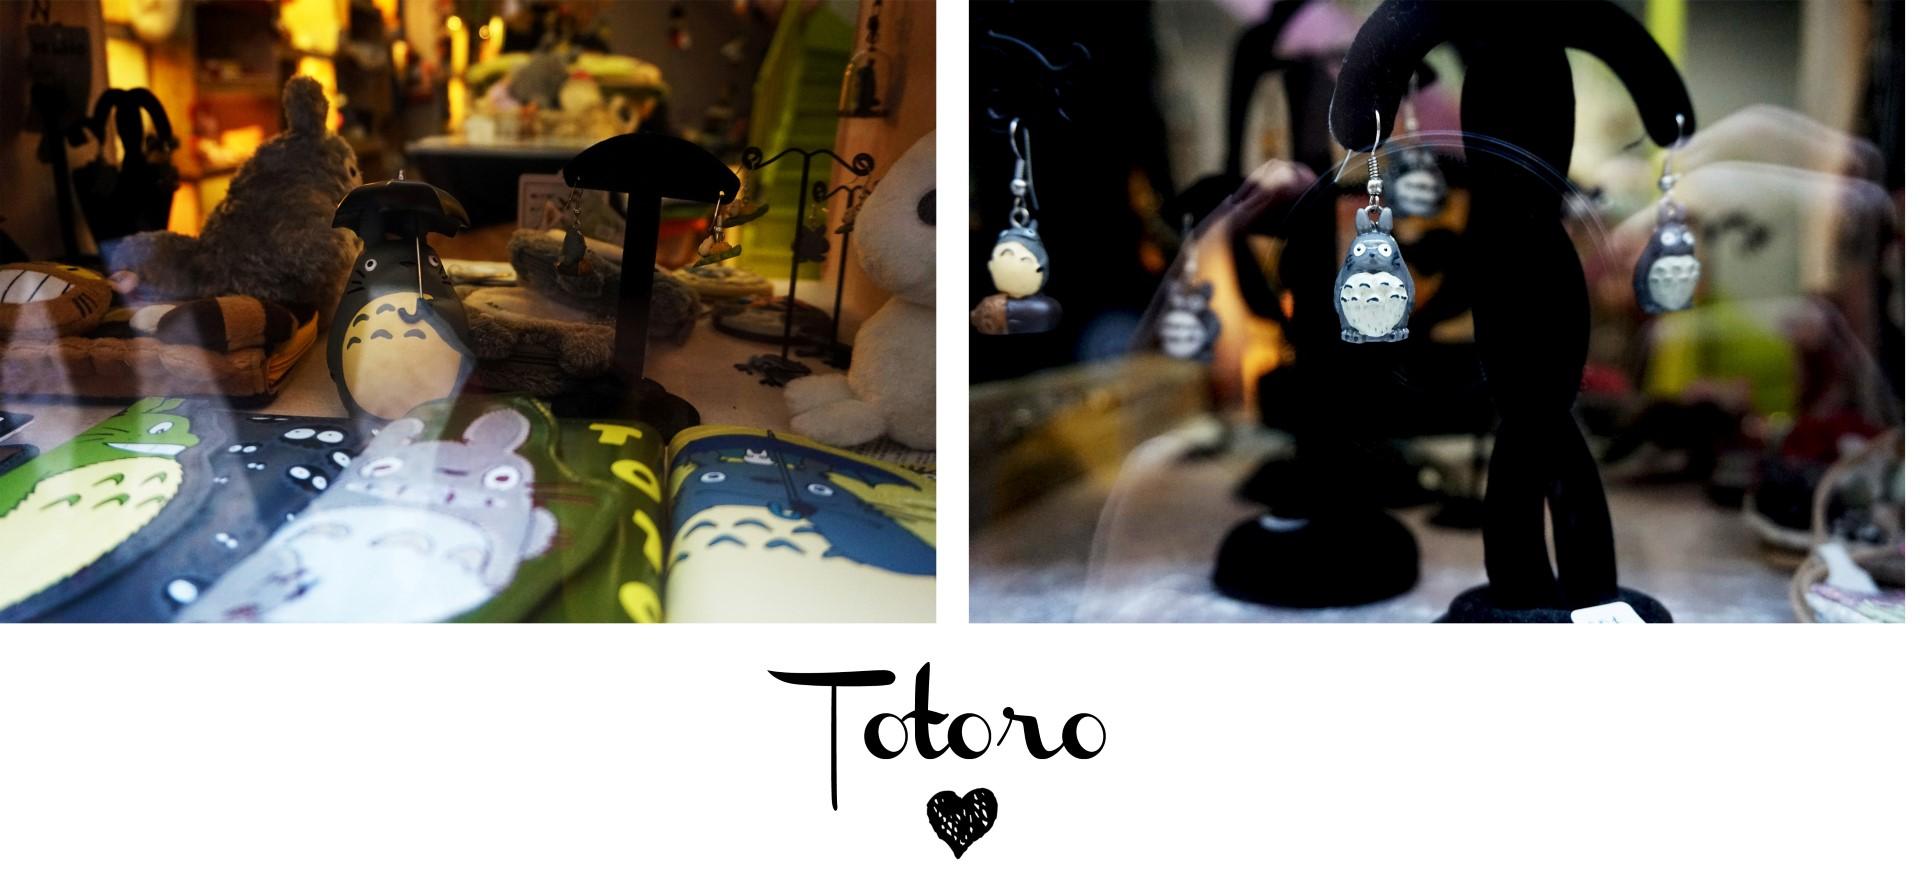 Balade dans Little Tokyo - Le Japon à Paris - Totoro